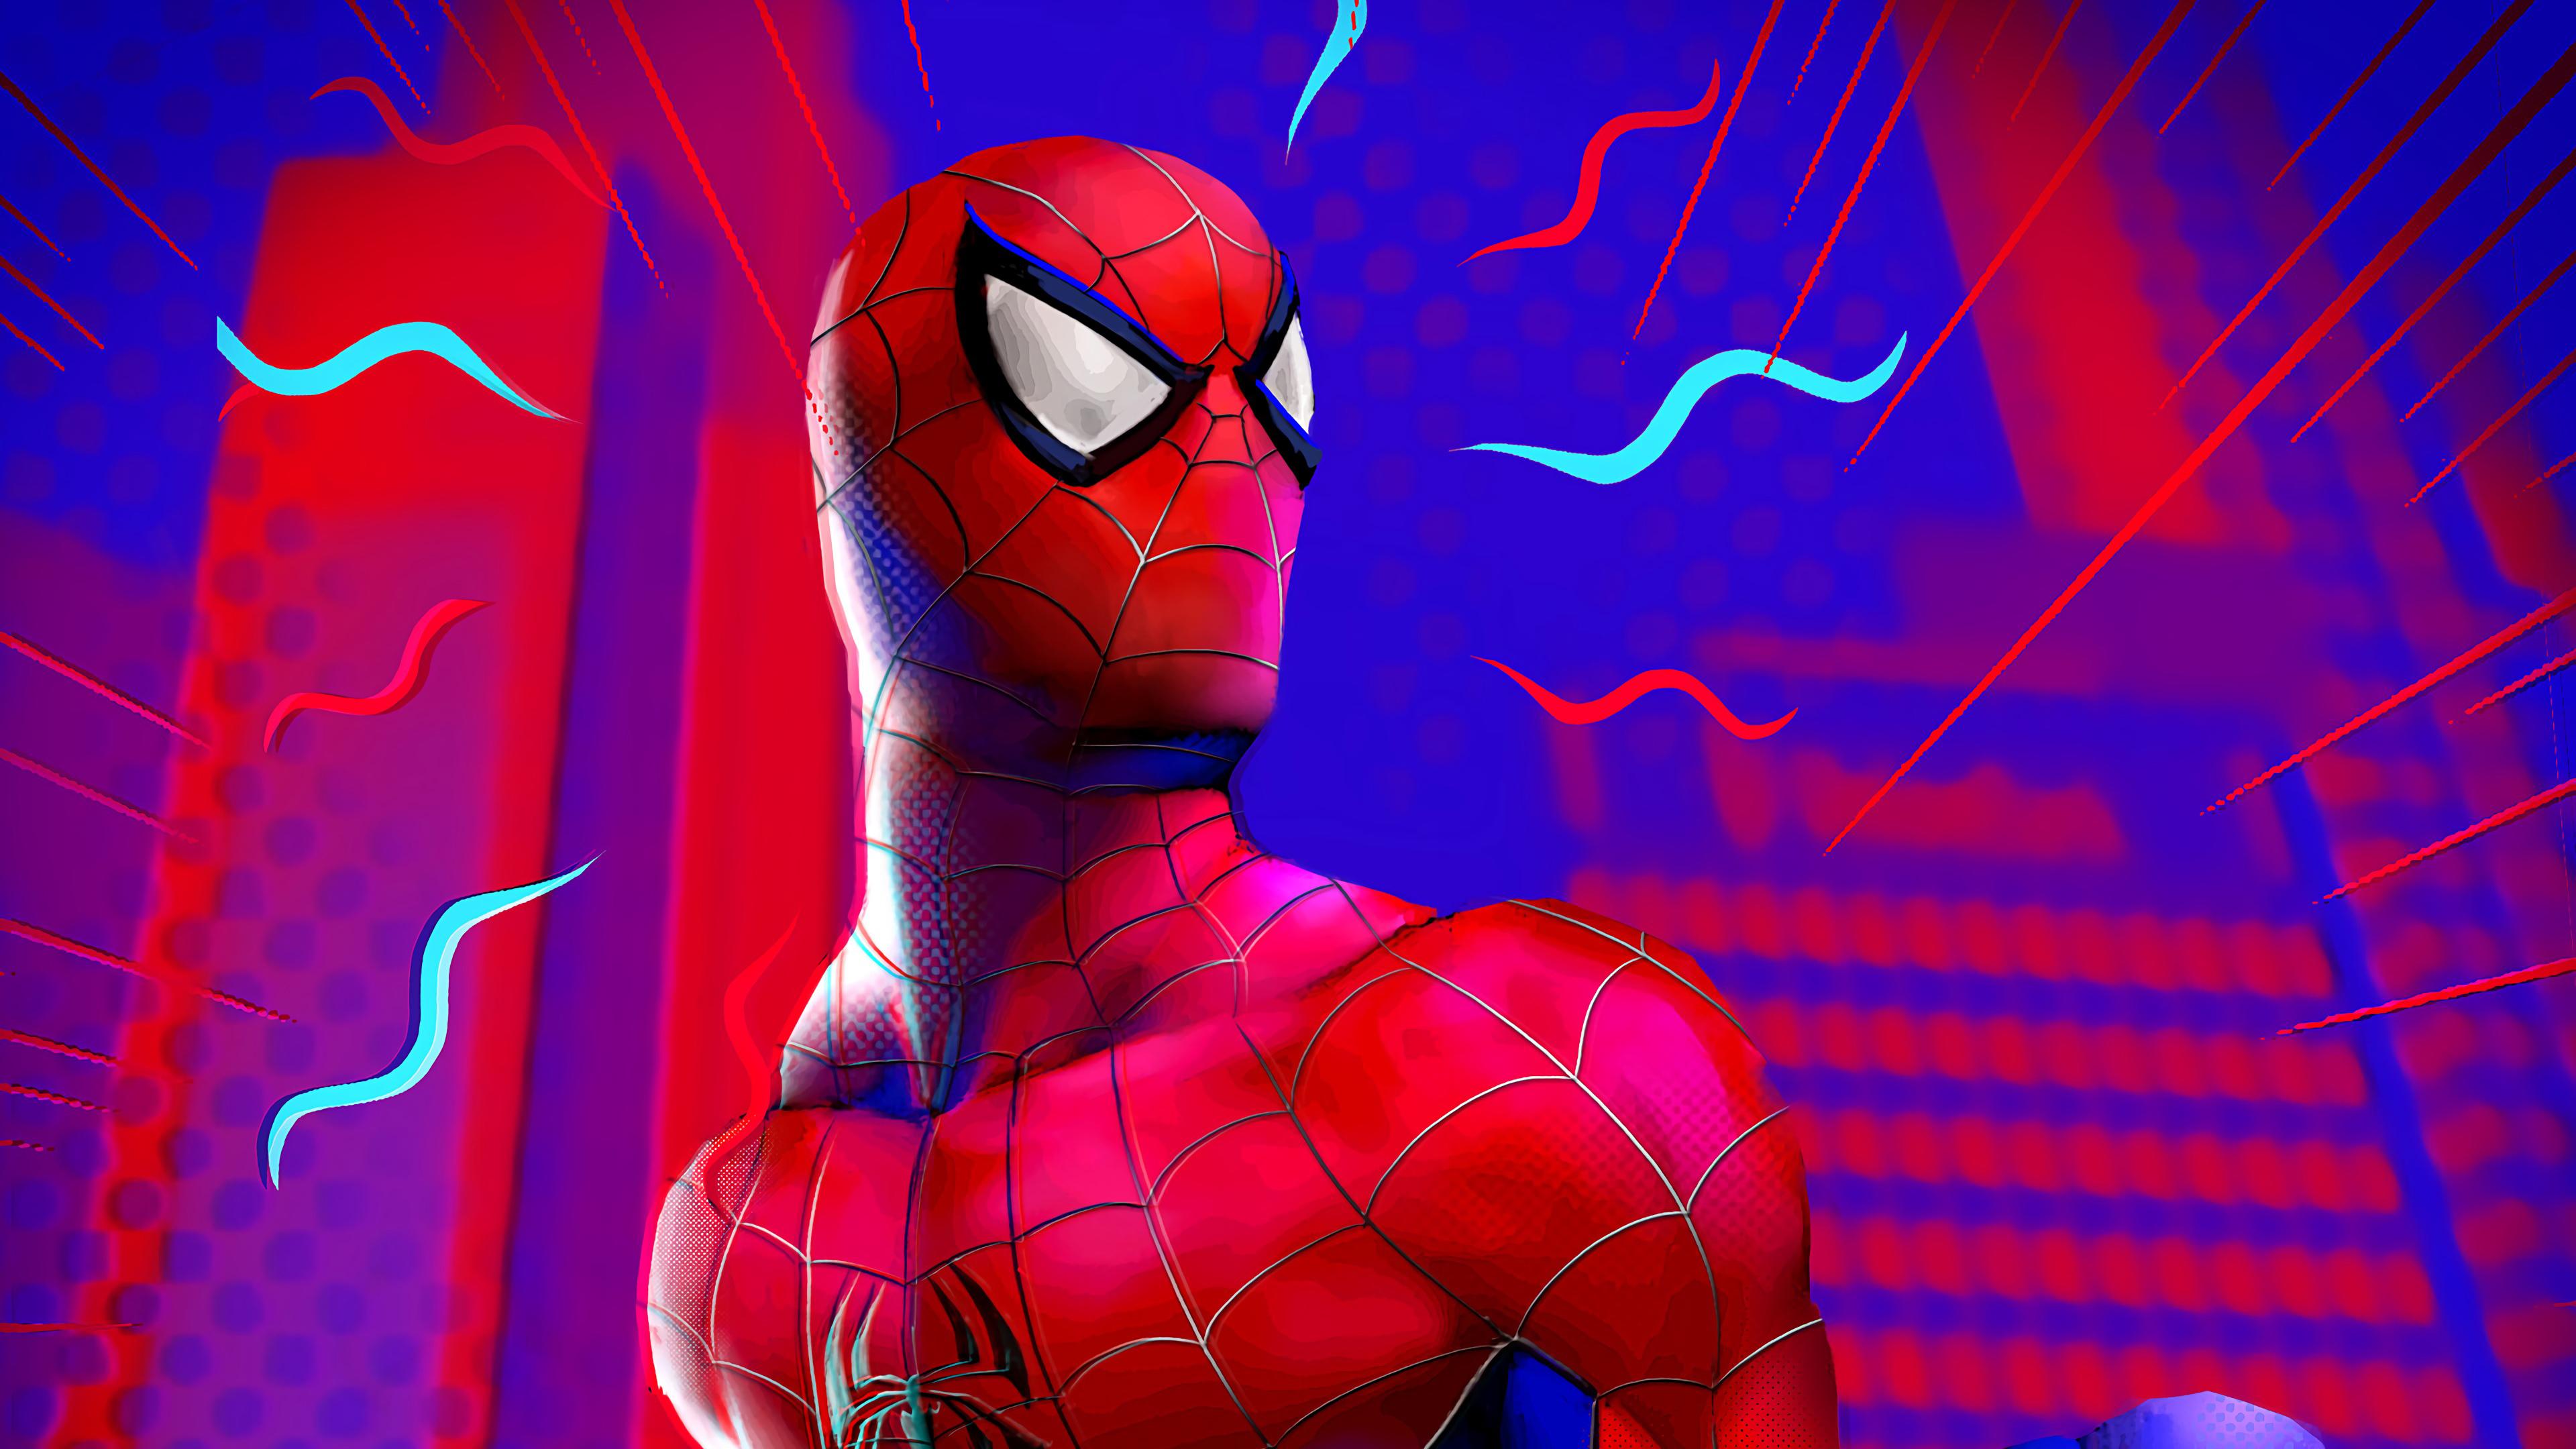 spiderman sensing 1568055481 - Spiderman Sensing - superheroes wallpapers, spiderman wallpapers, hd-wallpapers, digital art wallpapers, deviantart wallpapers, artwork wallpapers, art wallpapers, 4k-wallpapers